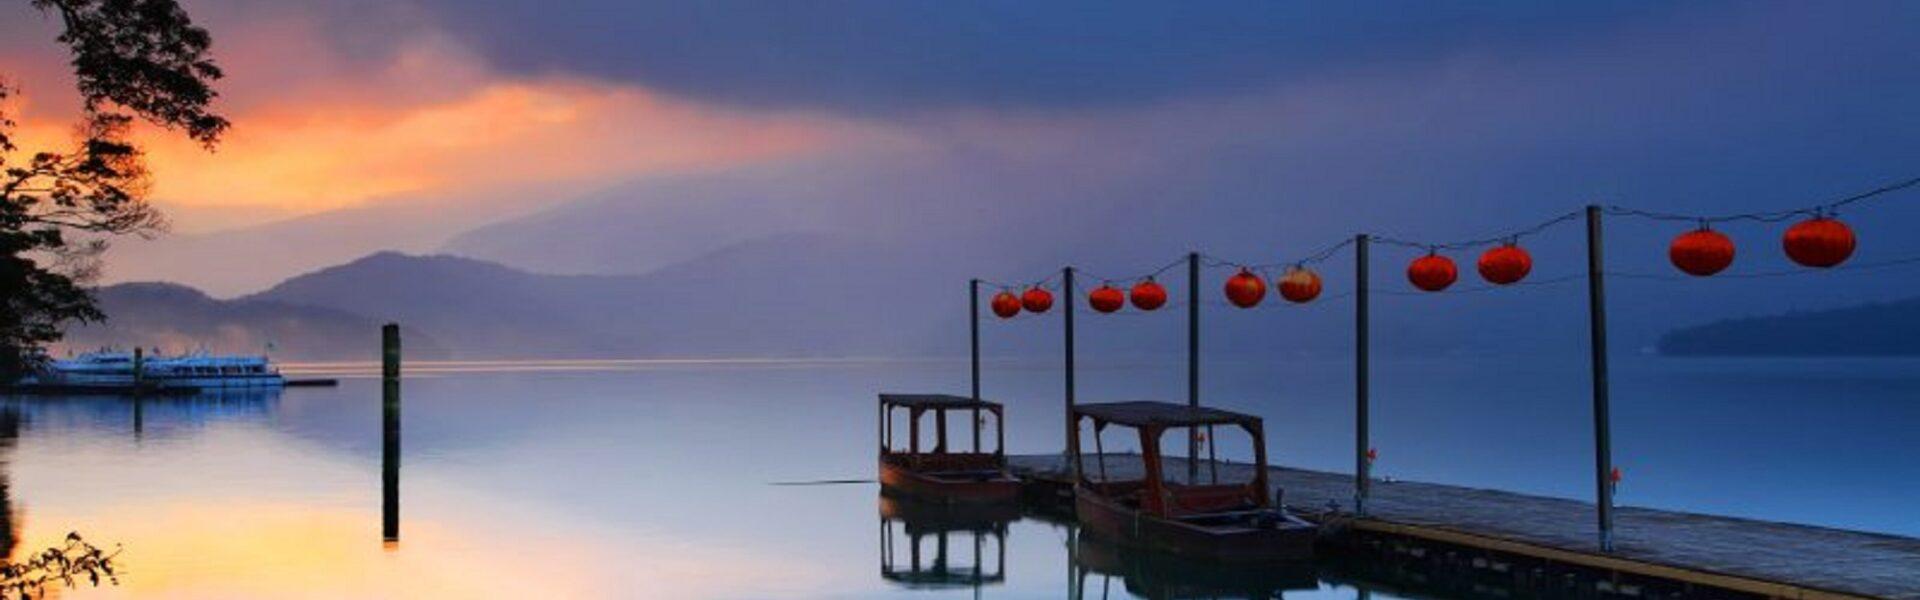 38ème Exposition philatélique internationale 2022 à Taipei avec la Philatélie chinoise - 10J - Lac du Soleil et de la Lune